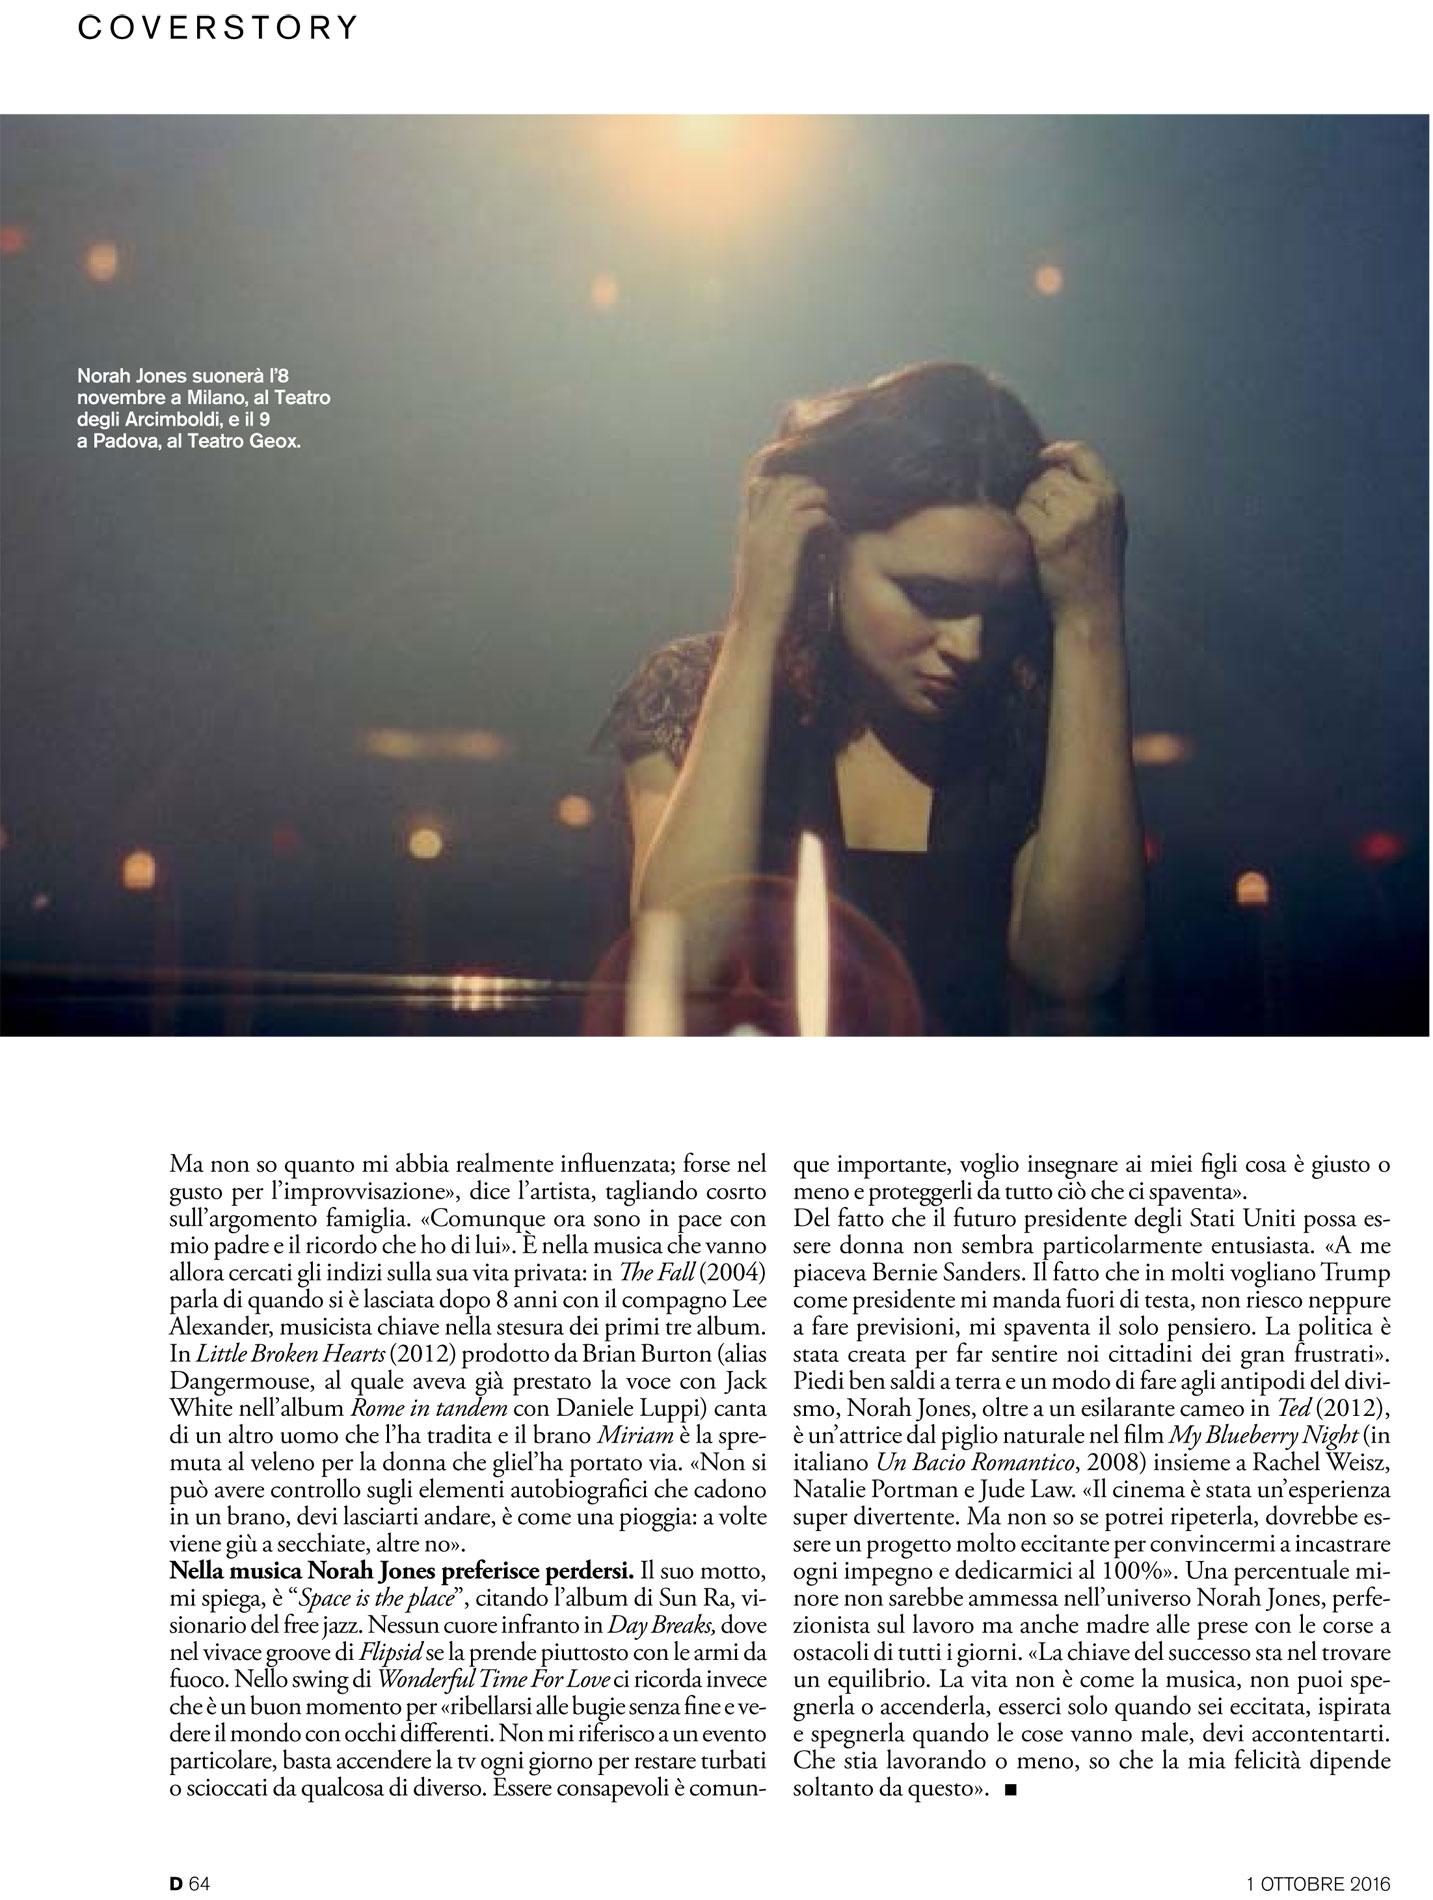 """""""D"""" La Repubblica: Norah Jones interview, cover story"""